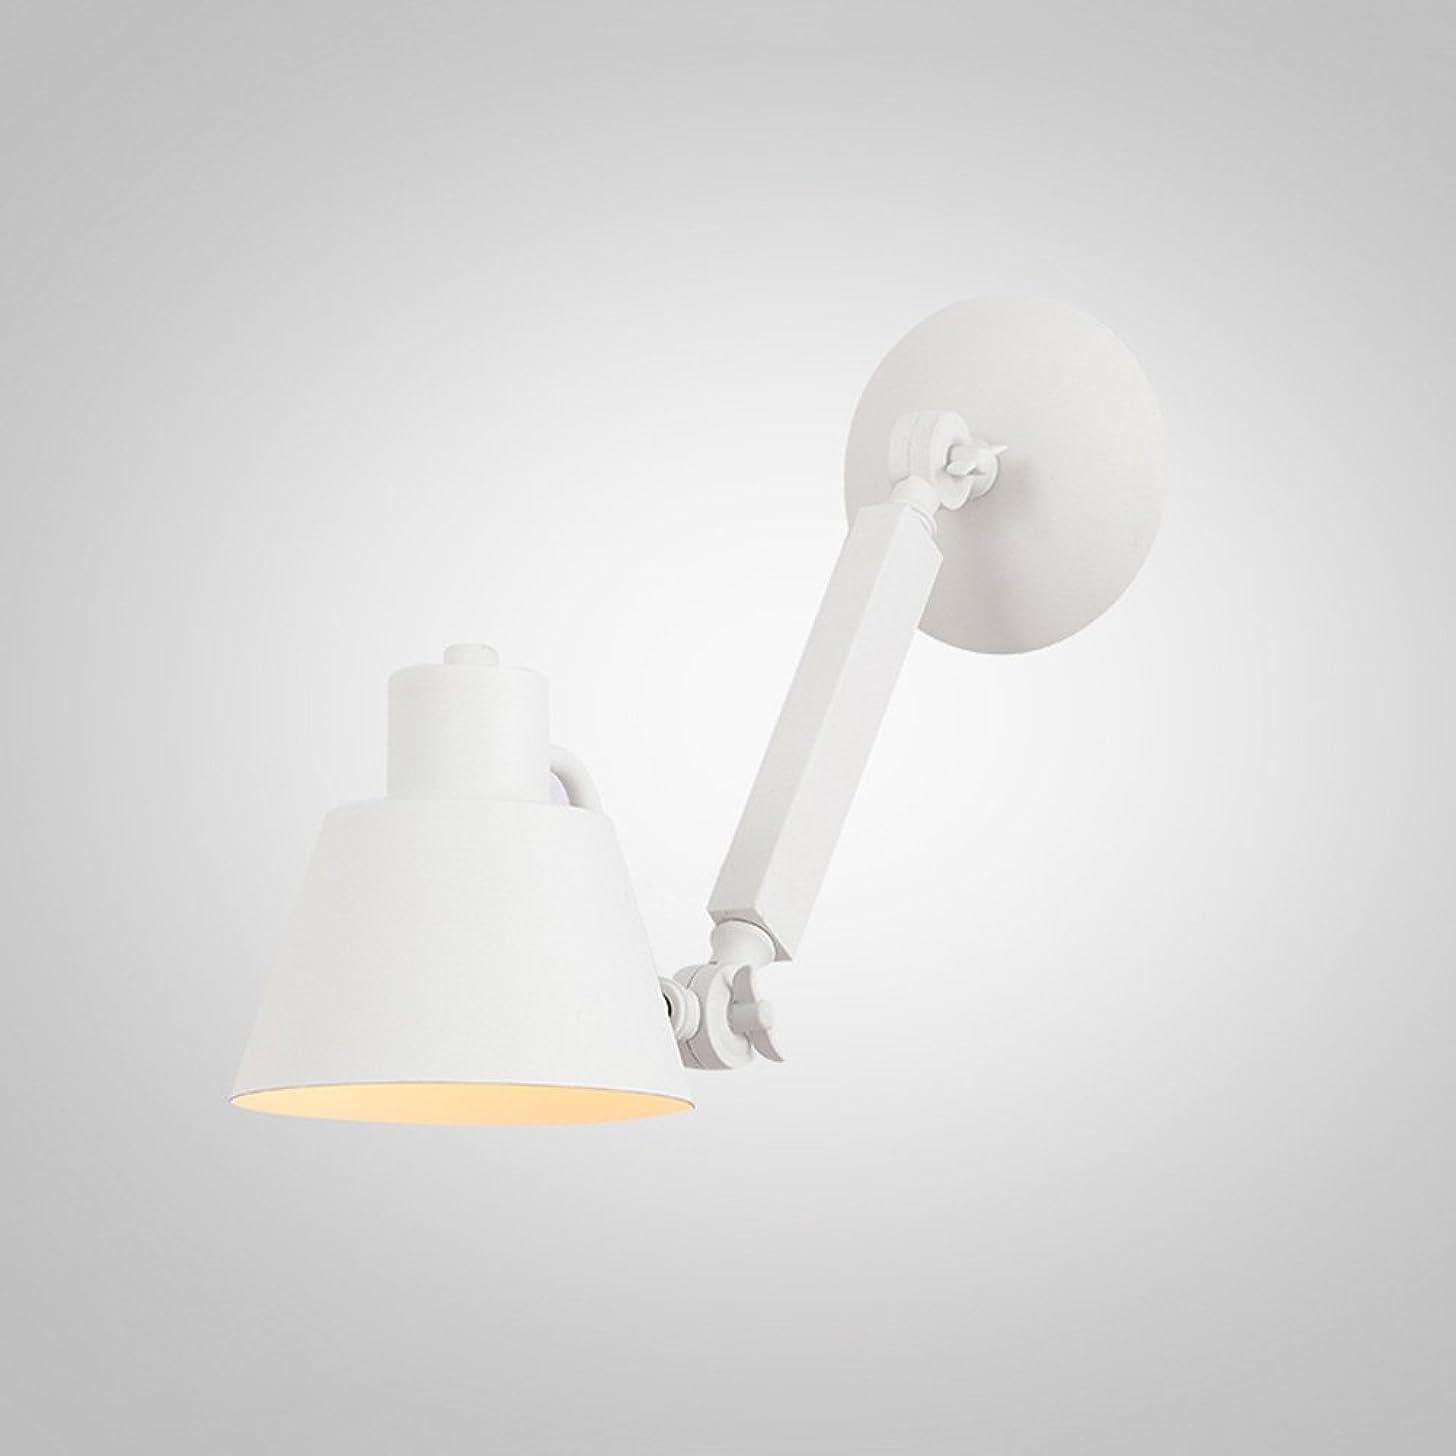 音節エーカーシーフードラオハオ 調整可能な錬鉄E27ウォールランプリビングルームダイニングルームカフェホールバルコニーウォールランプ寝室ベッドサイドランプブラックホワイト ウォールウォッシャー (Color : White)